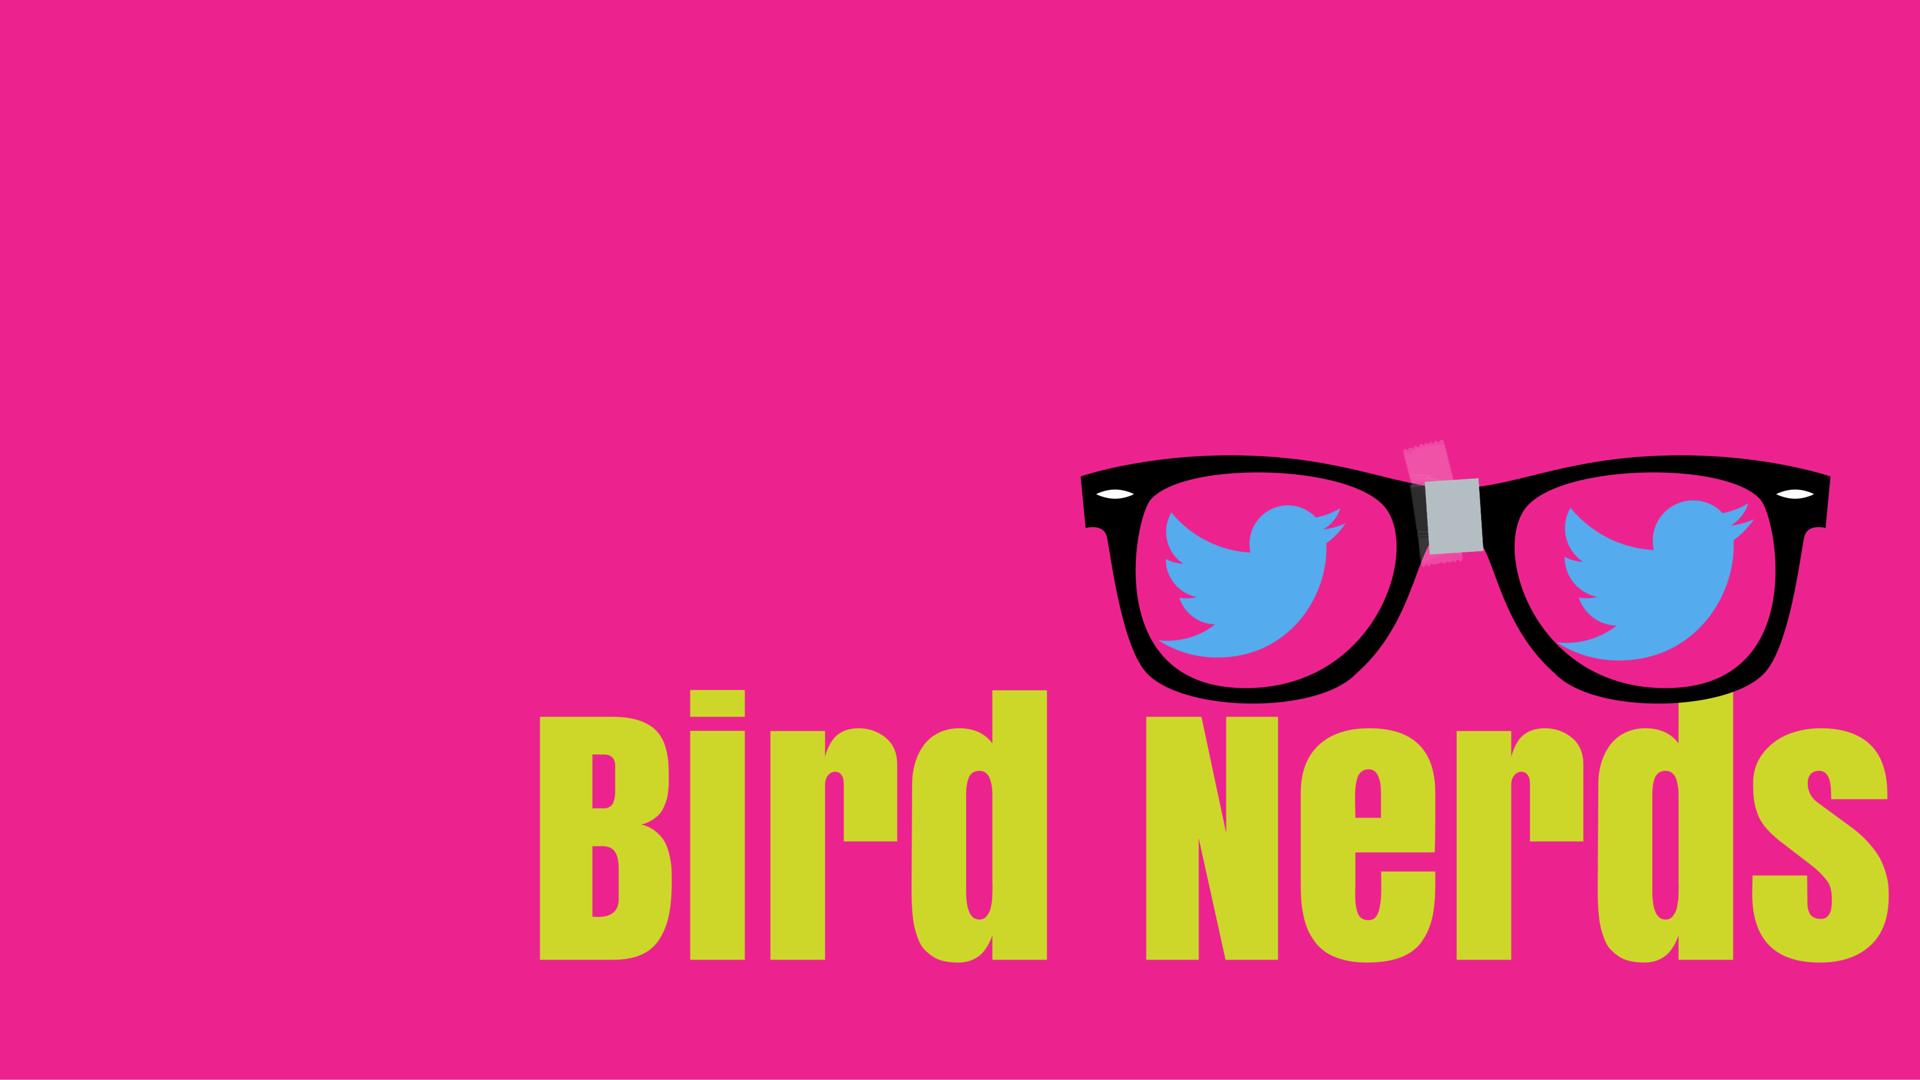 bird nerds logo.png